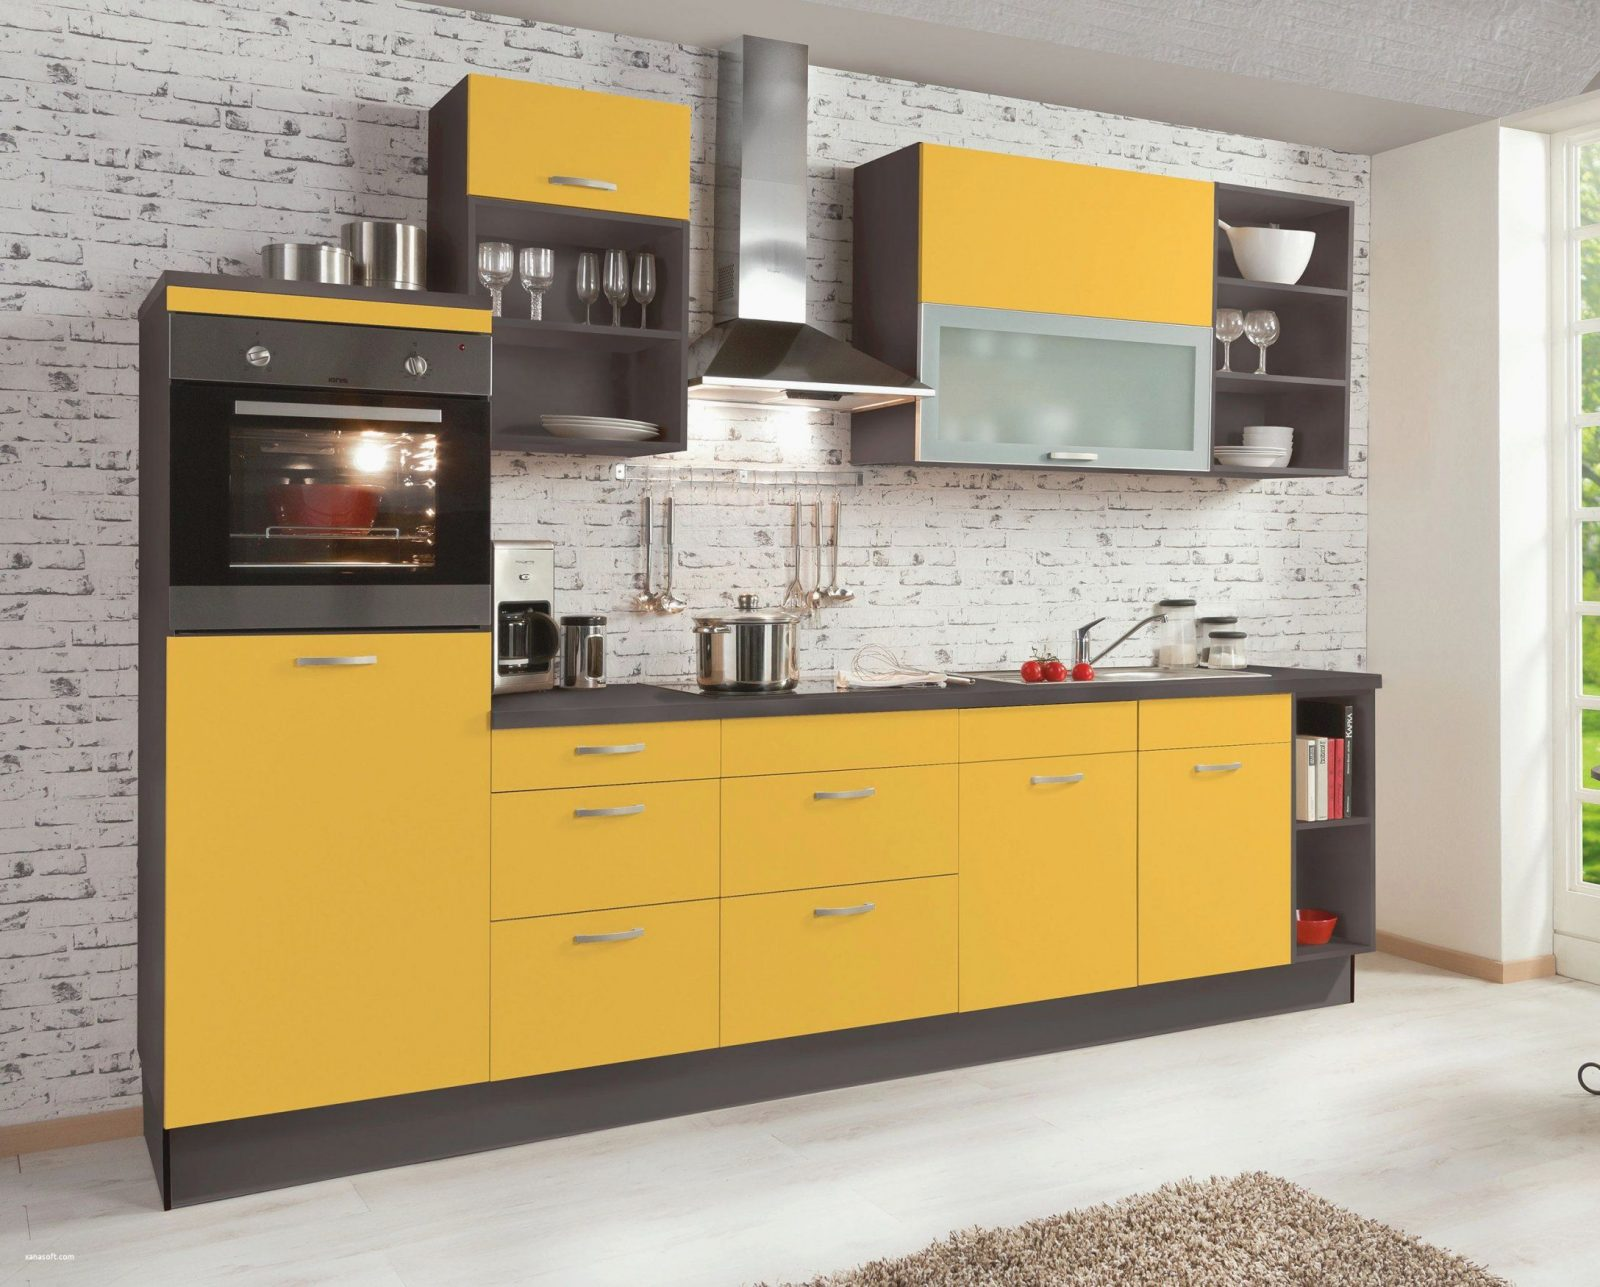 Top Ergebnis 50 Einzigartig Ikea Gebrauchte Küche Bilder 2018 Hgd6 von Einbauküchen Mit Elektrogeräten Ikea Bild